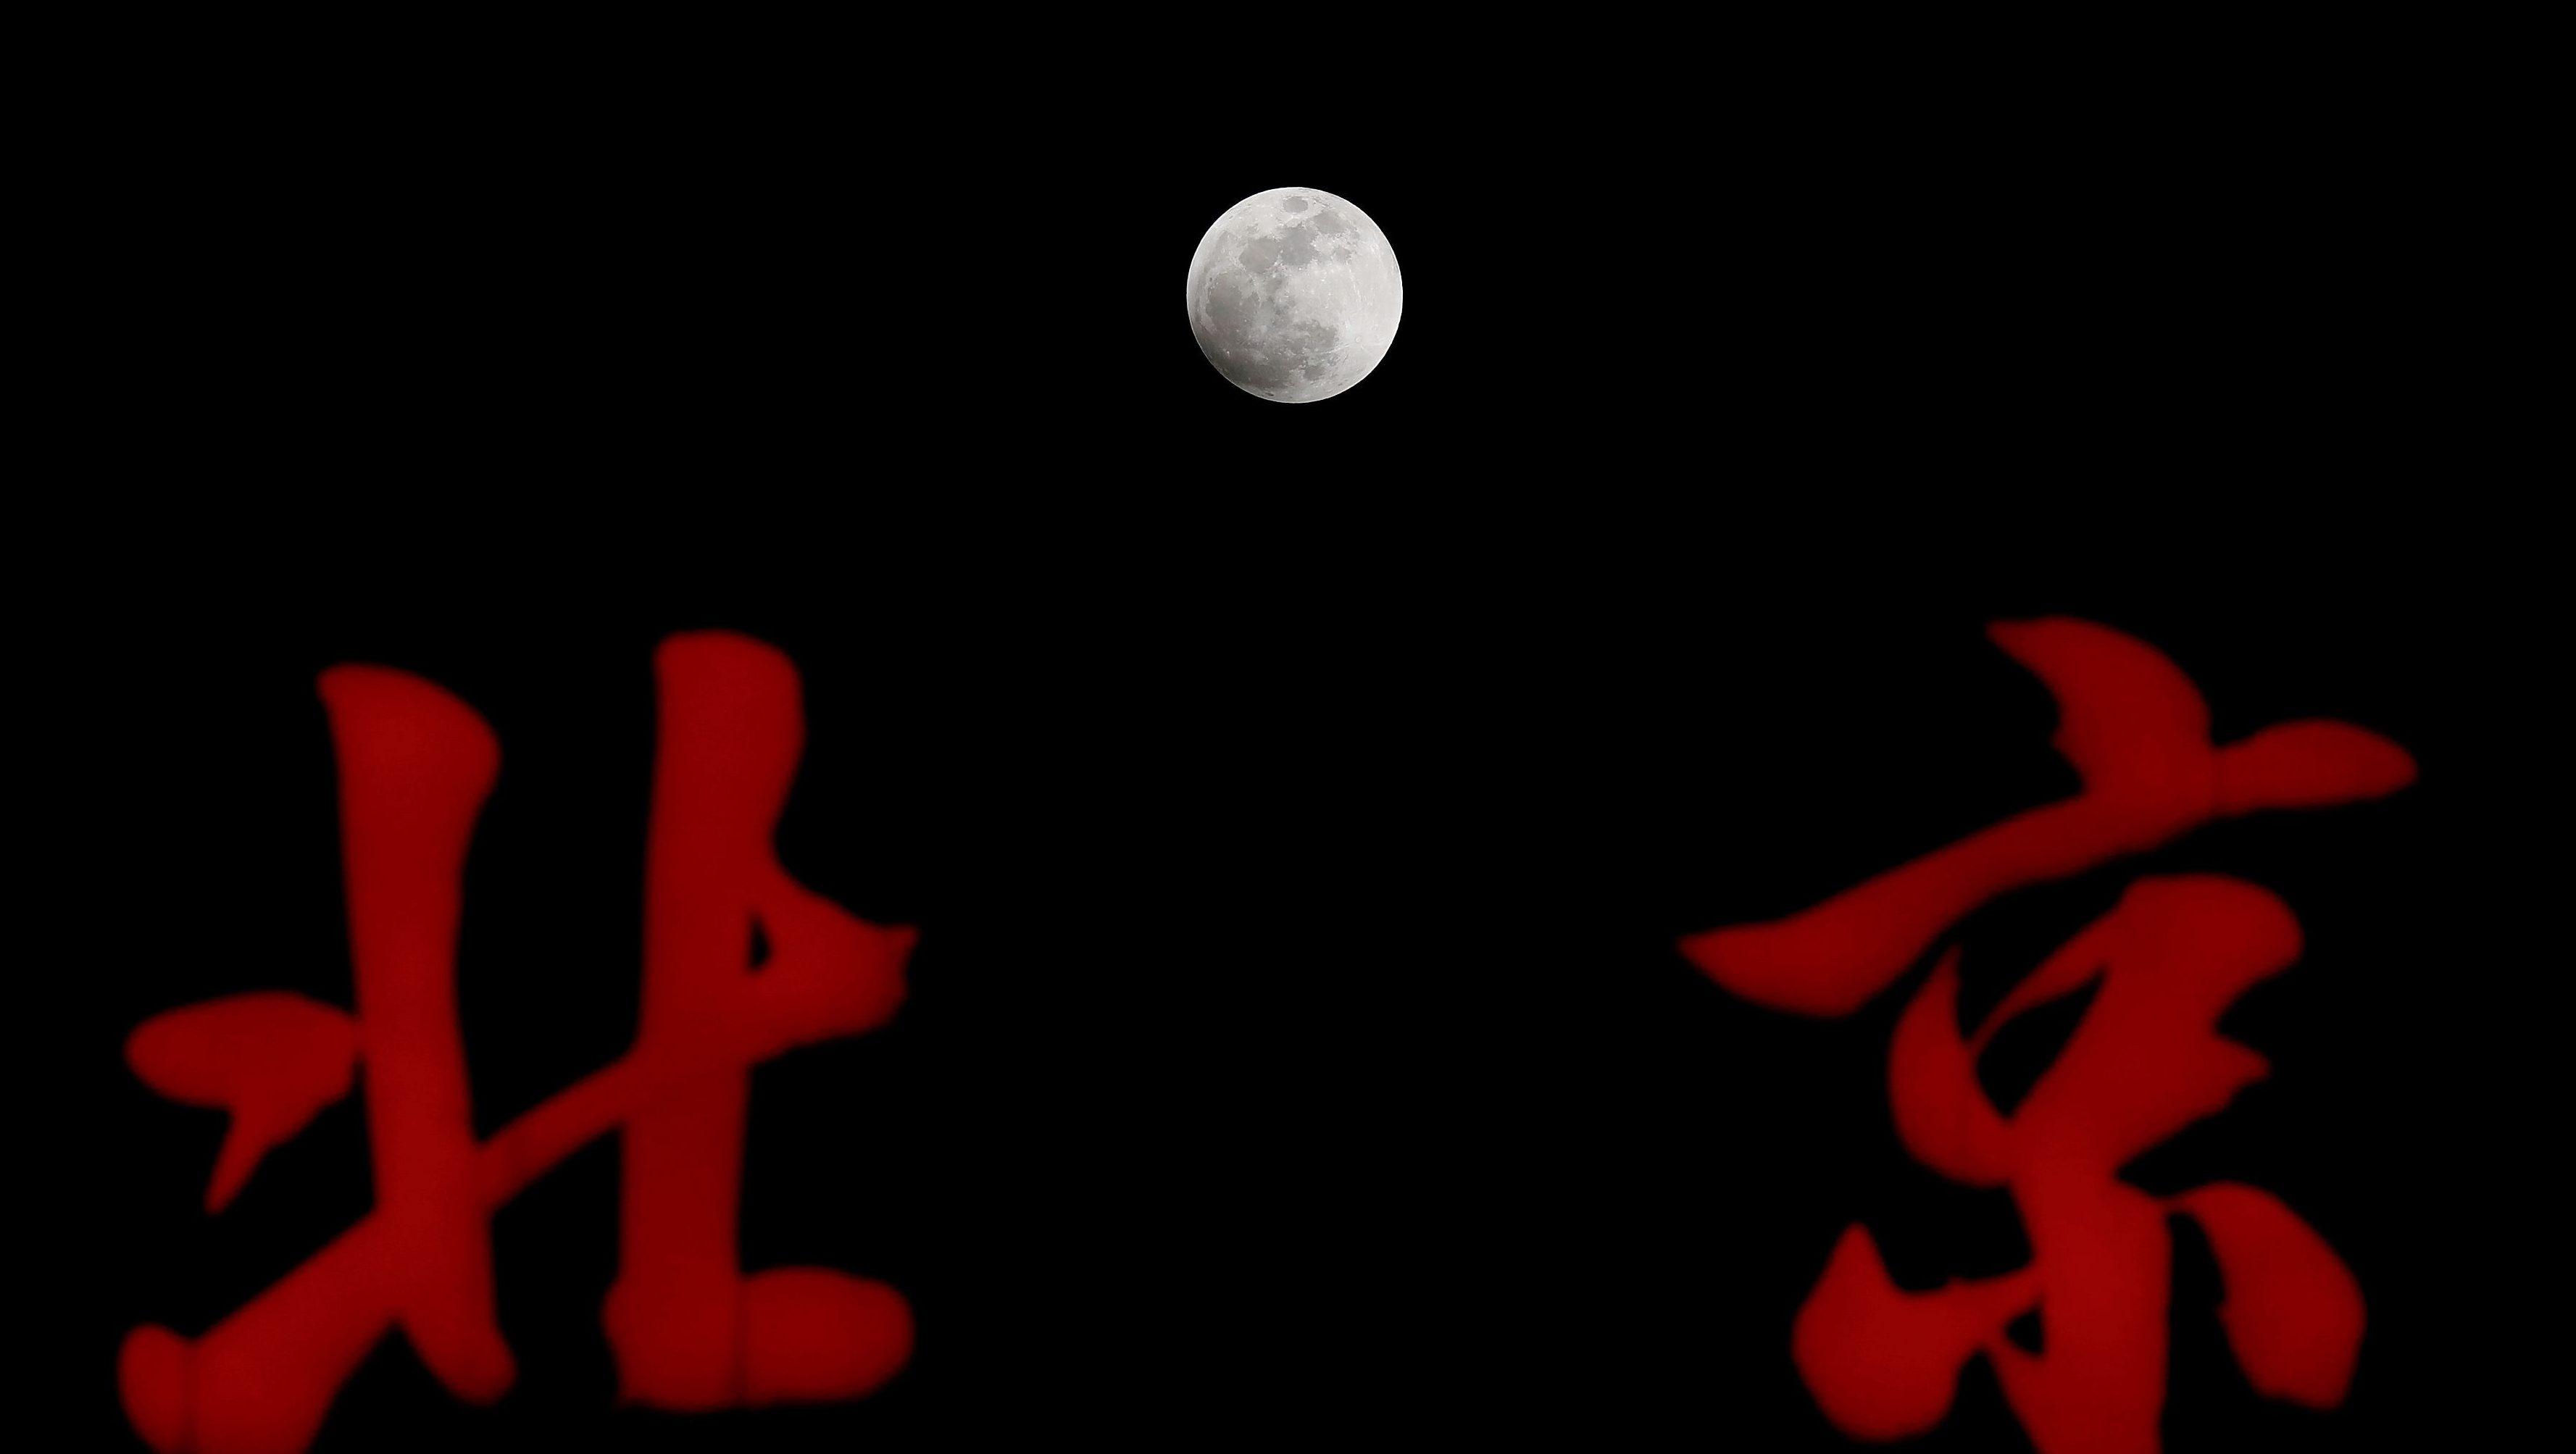 China moon relay satellite queqiao 20180521 e1526642857940